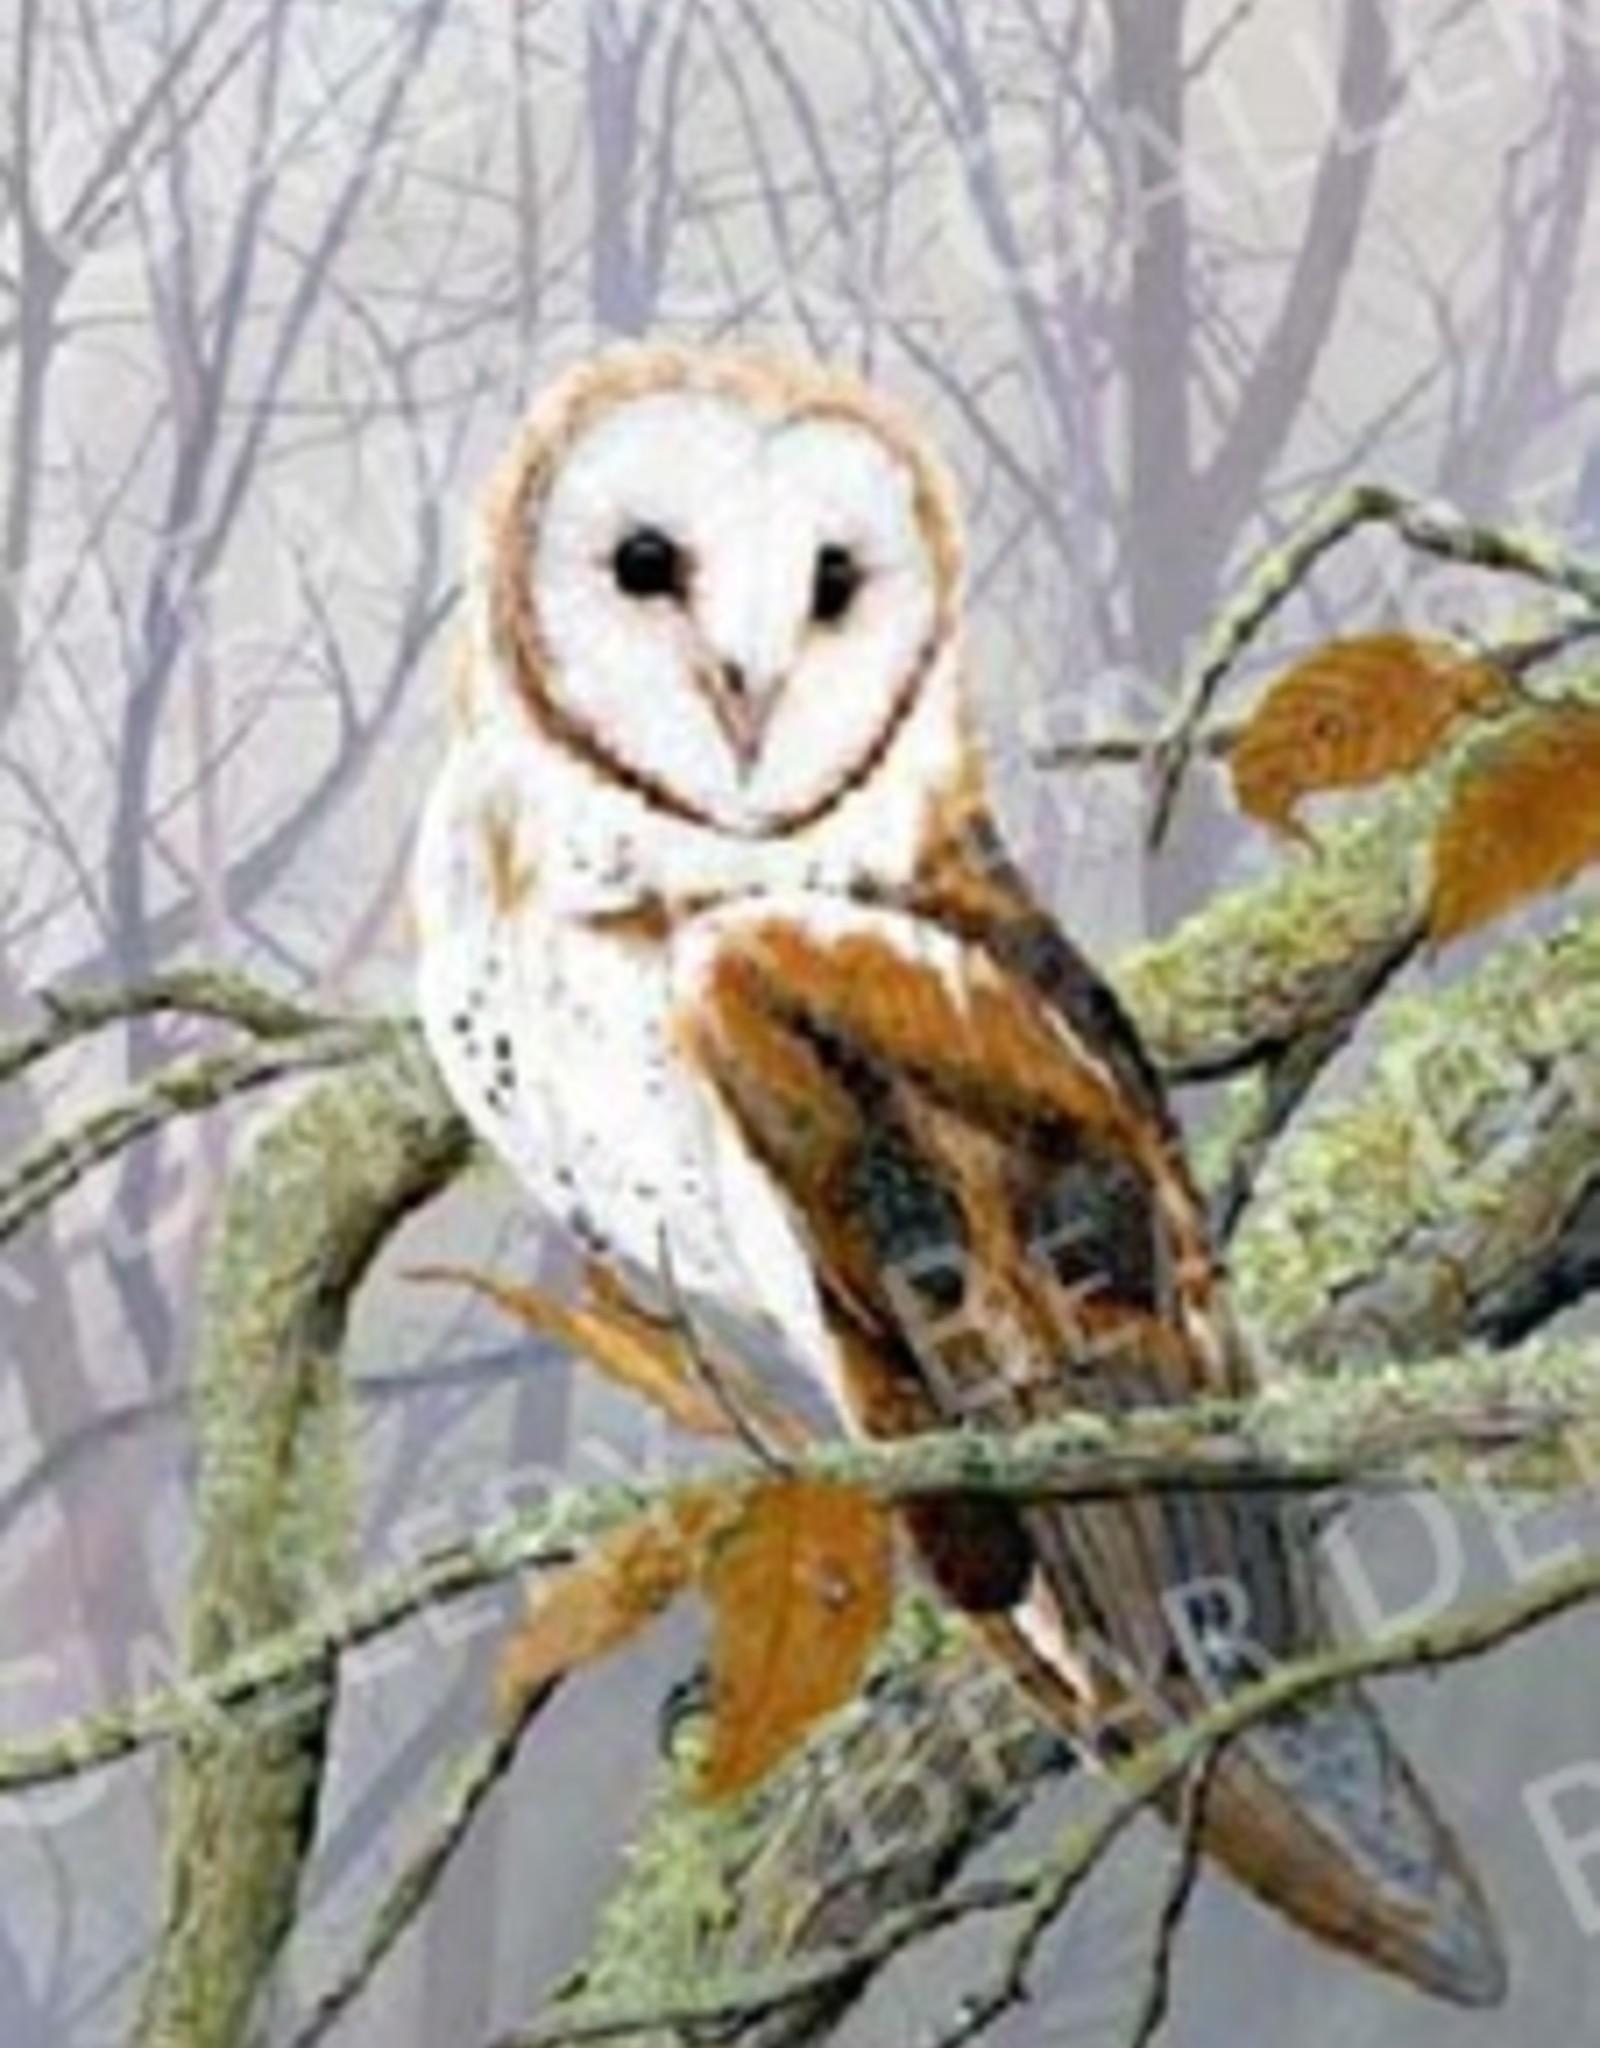 Ron Wetzel Art Misty Morning Barn Owl - 16x20 Print